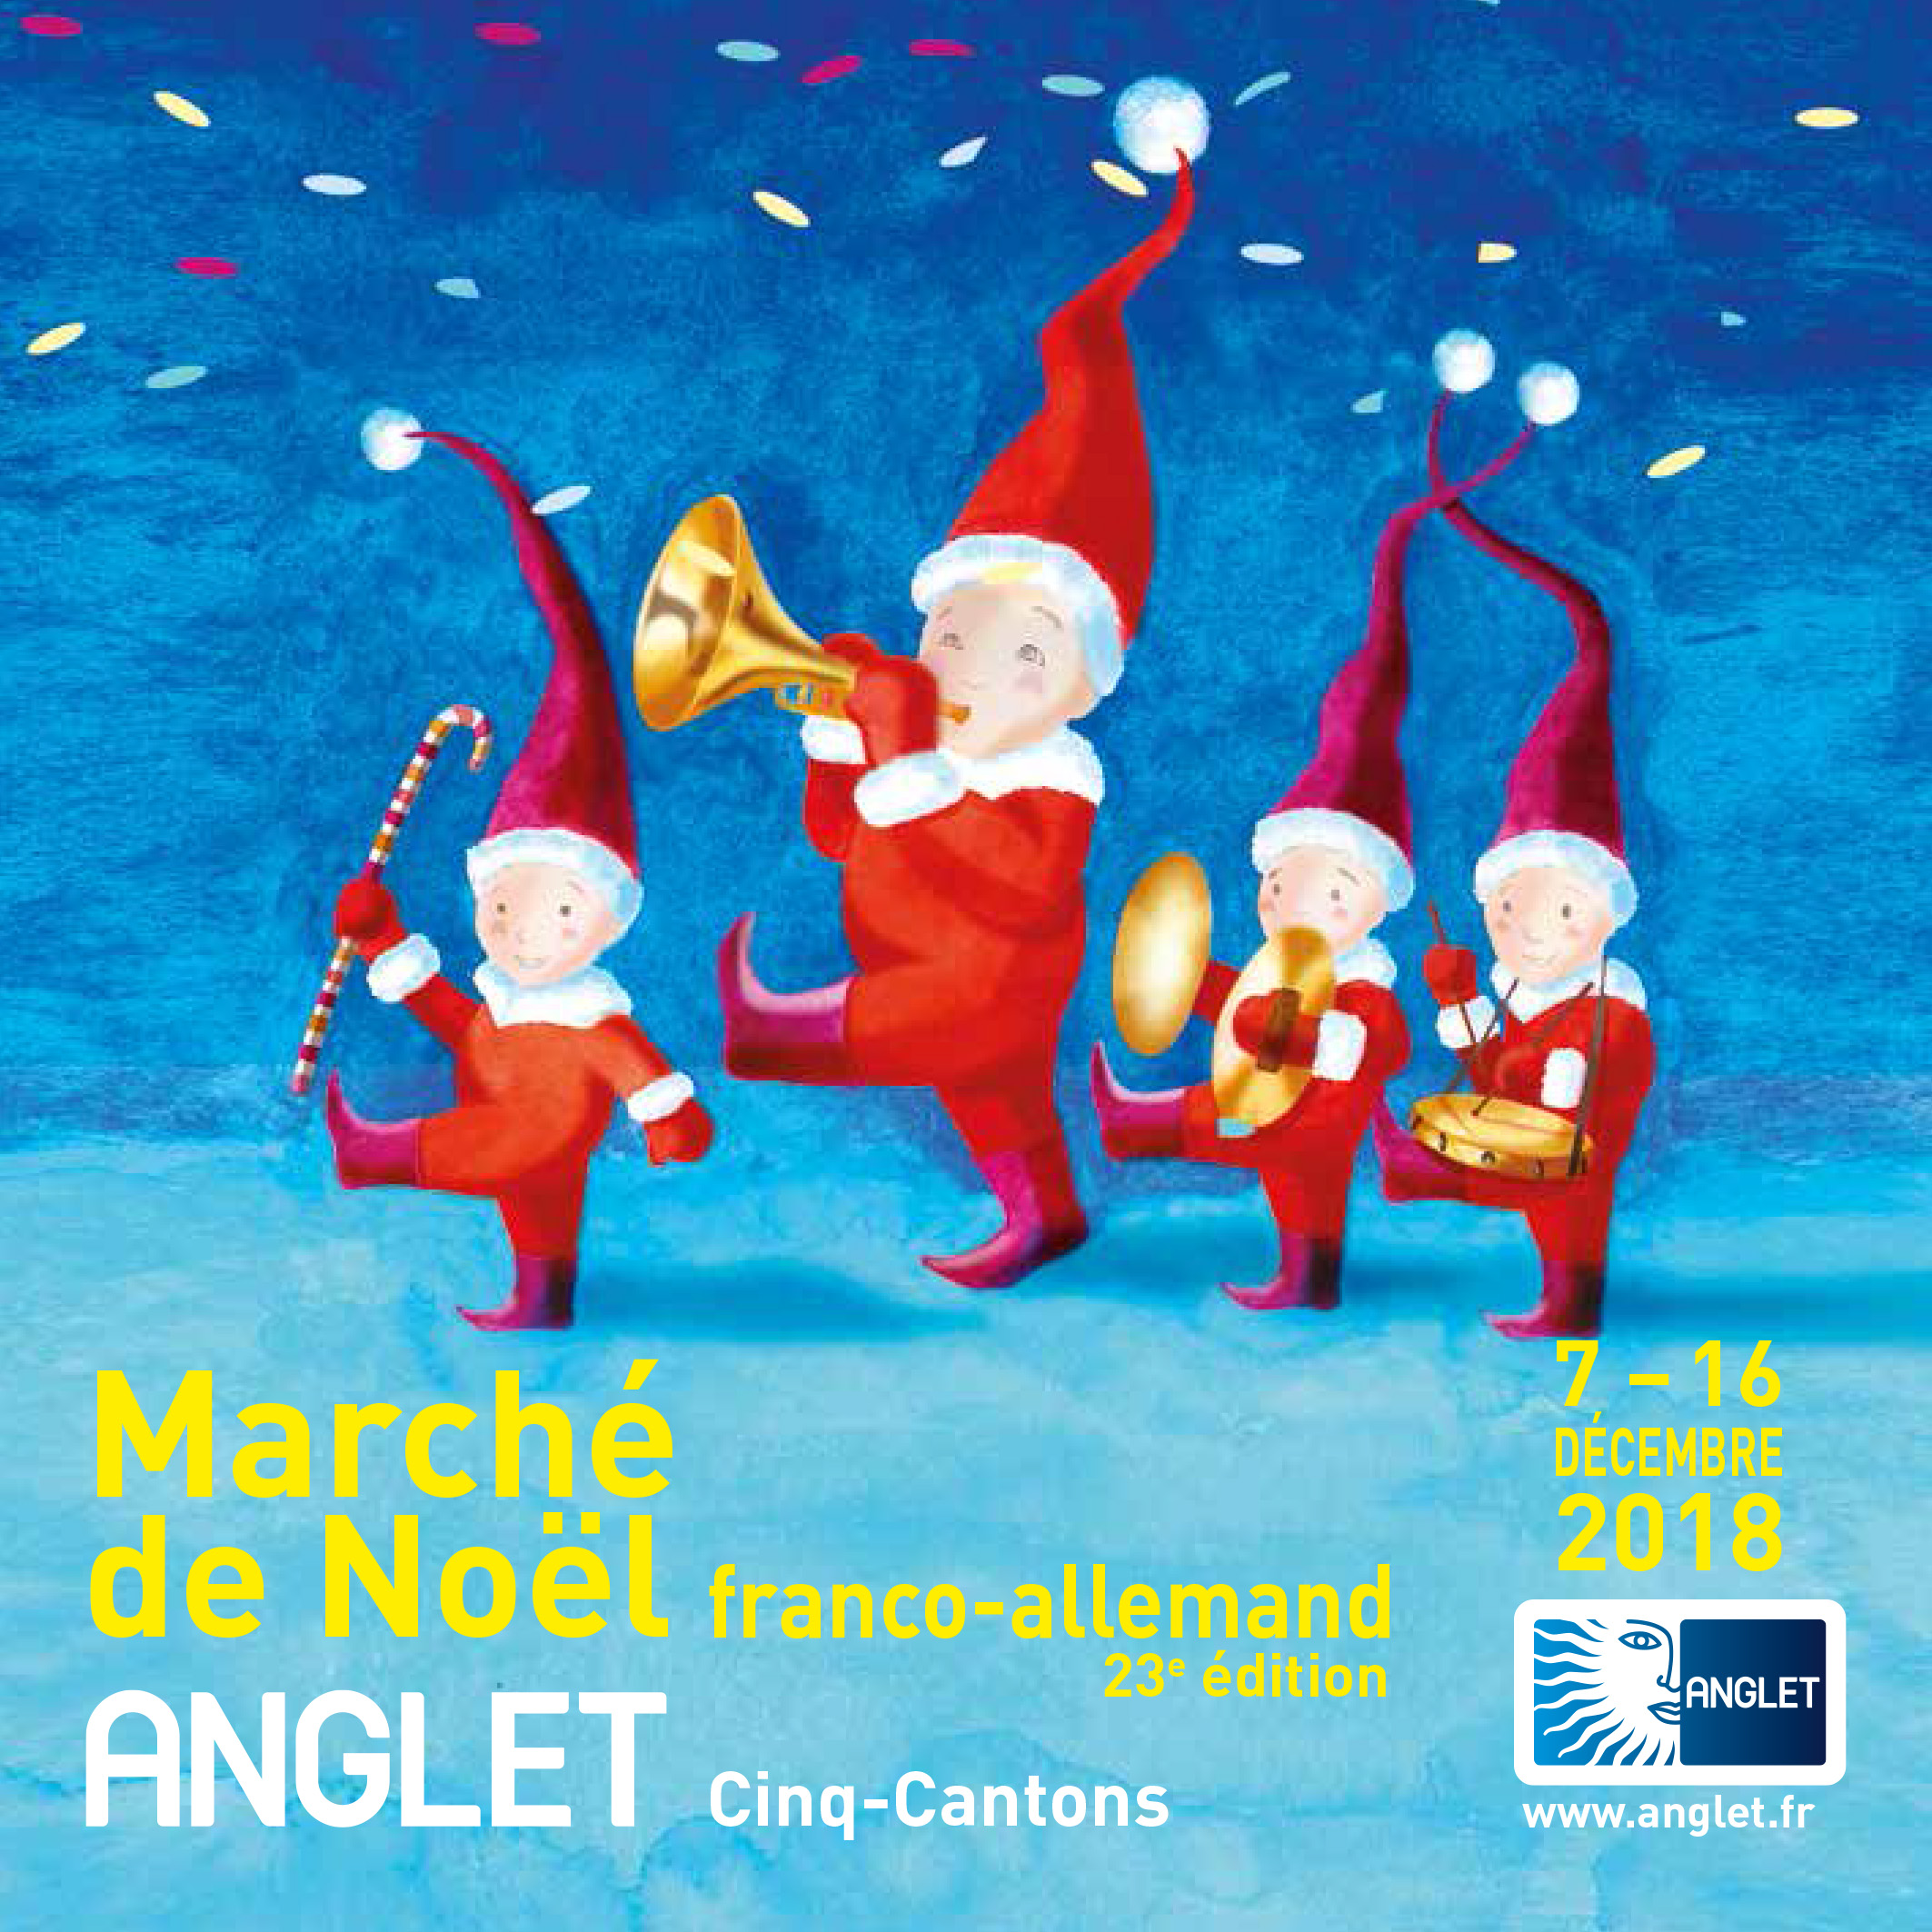 Marche-Noel-2018-Anglet-1.jpg